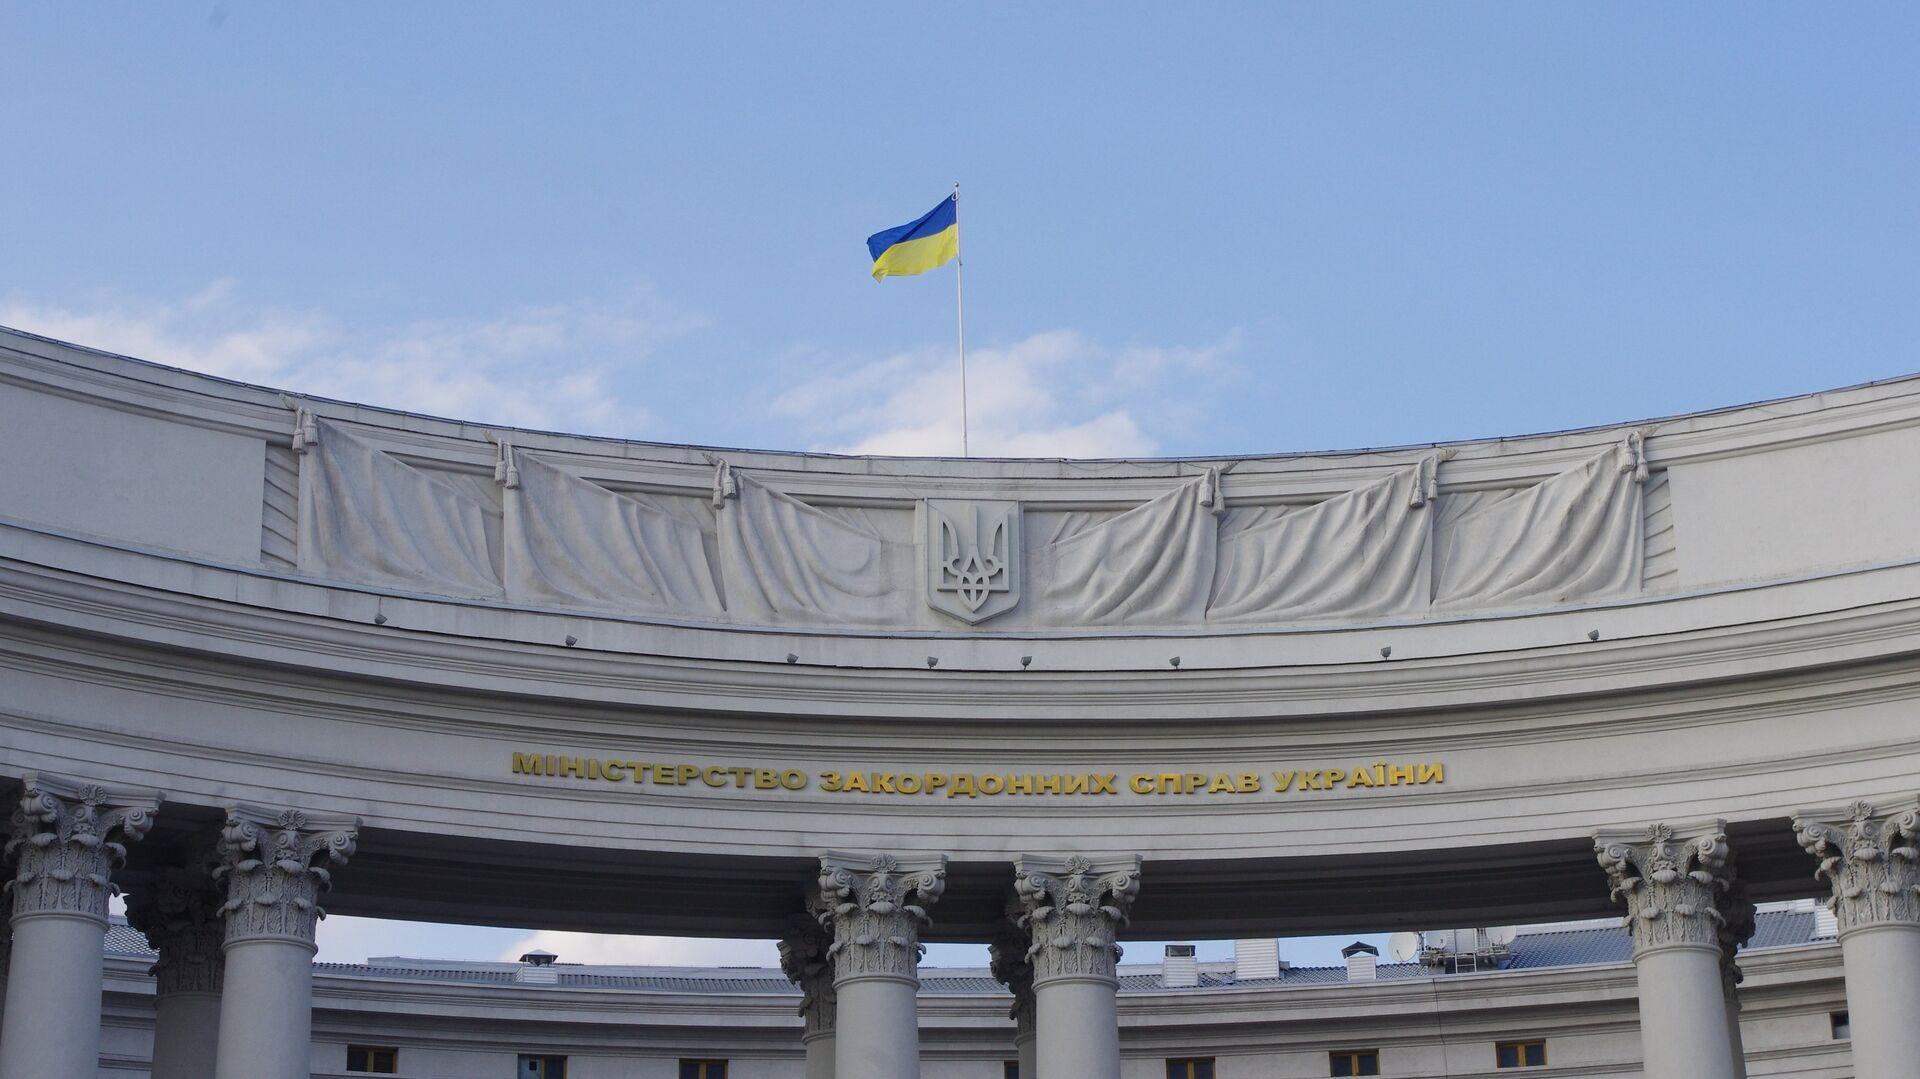 Государственный флаг на здании министерства иностранных дел Украины в Киеве - РИА Новости, 1920, 27.04.2021